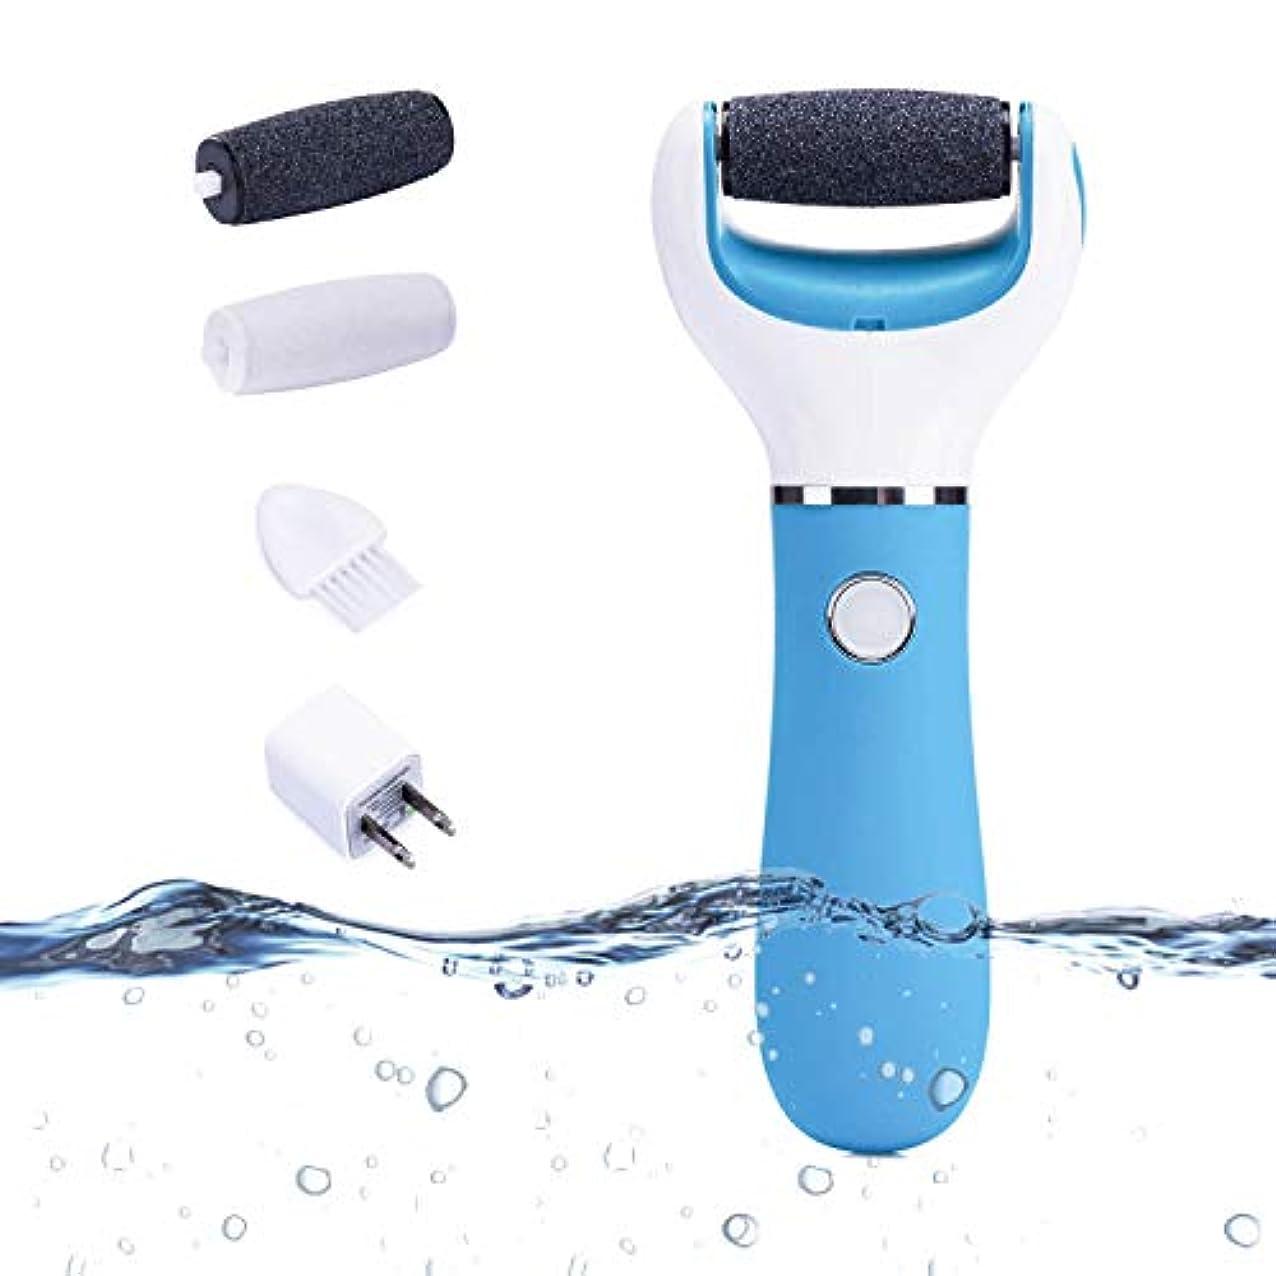 一貫性のない重要性パテLionWell 電動角質リムーバー USB充電式 防水 足ケア 軽石 角質取り 角質除去 改良版ローラー 粗目/細目 2つ付き 快速/低速モード 爪磨き機能 水洗い可能 フットケア (ブルー?強化型)